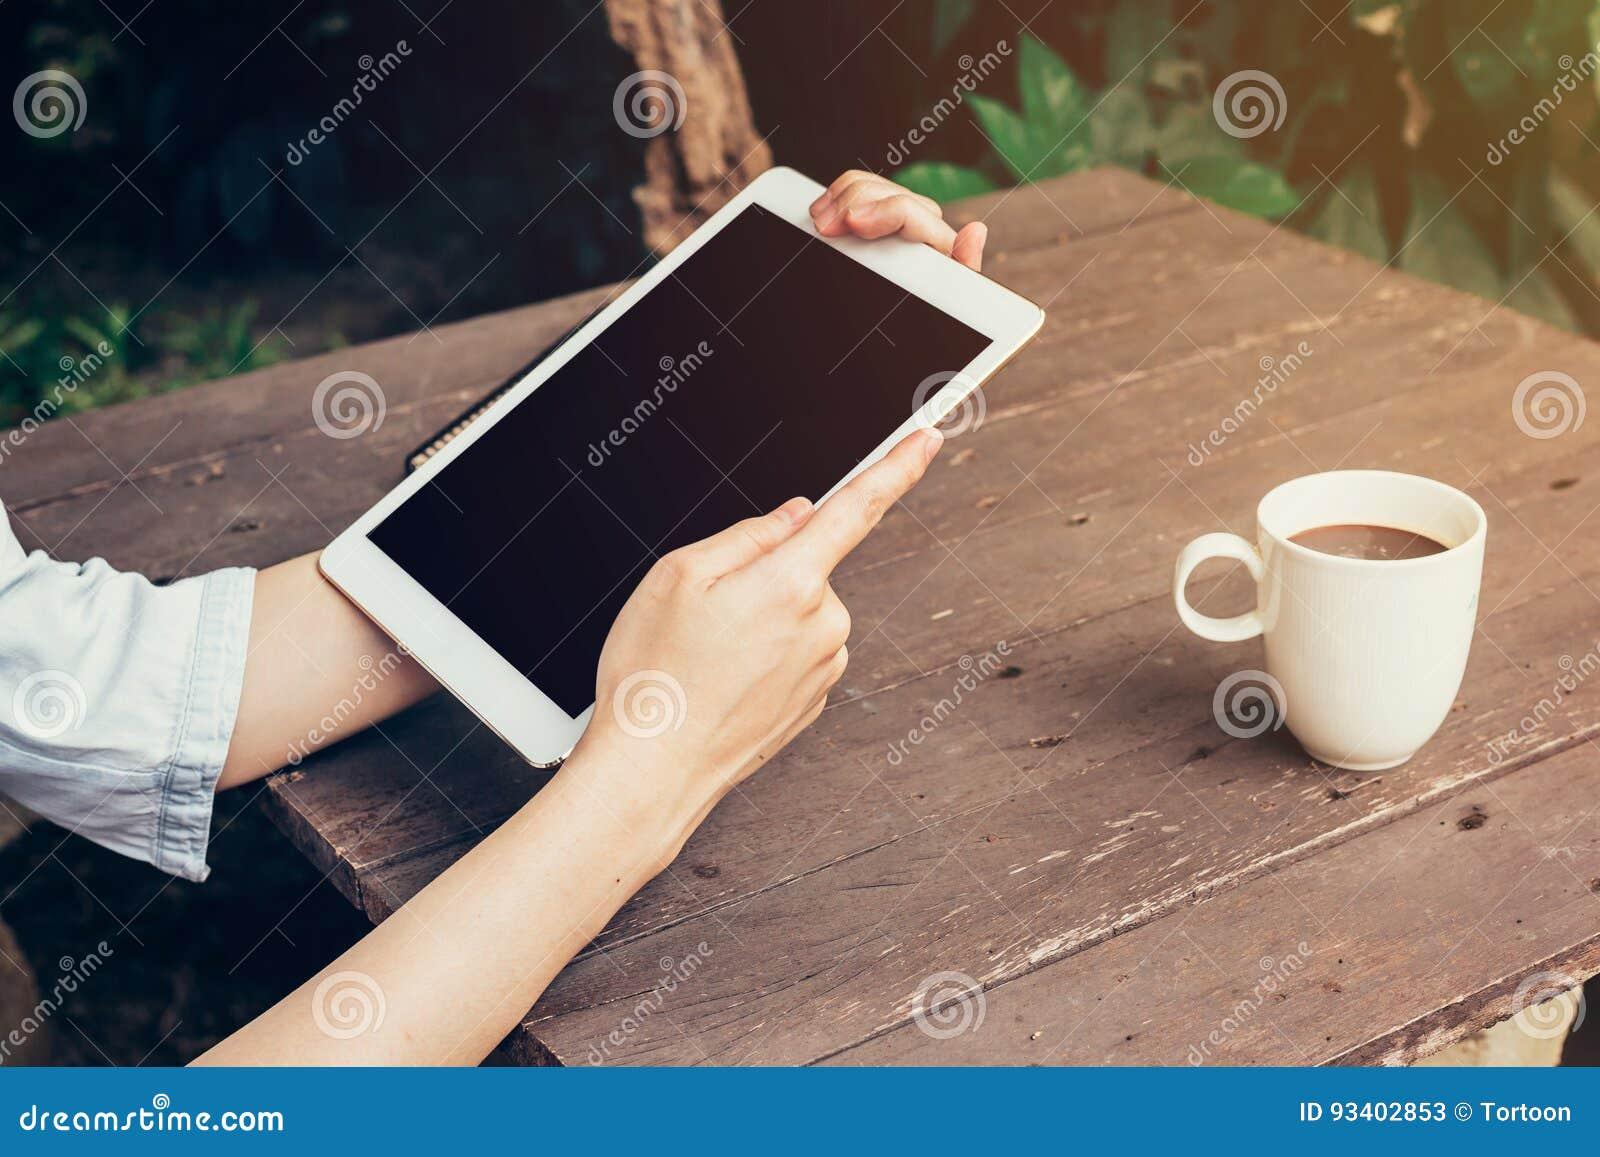 Ταμπλέτα εκμετάλλευσης χεριών γυναικών και κενή επίδειξη οθόνης στον ξύλινο πίνακα